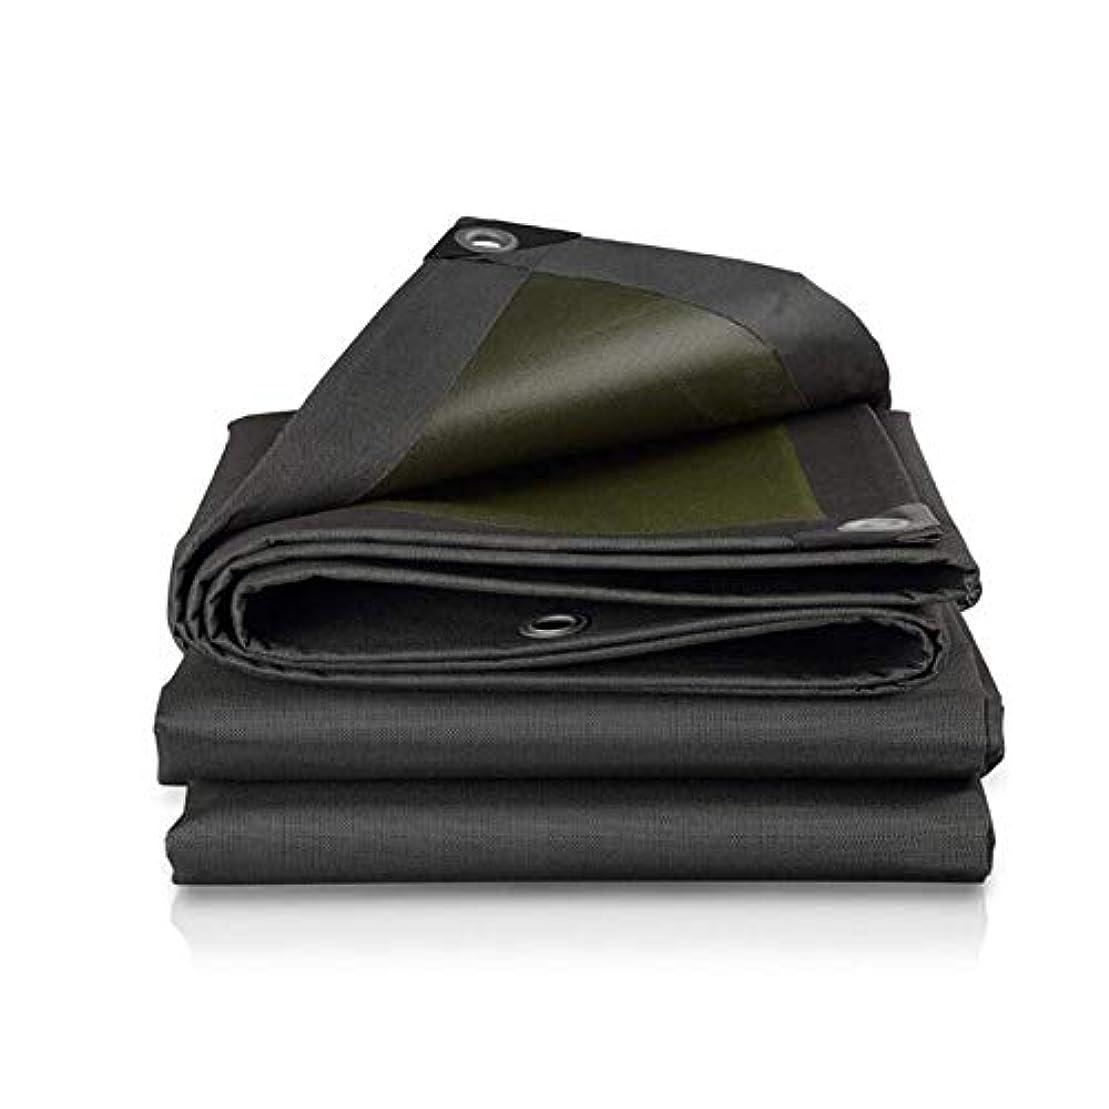 参加者パーティー無条件ZX タープ ヘビーデューティターポリン厚い防水日焼け止め布耐引裂き性耐摩耗性 テント アウトドア (Color : Black, Size : 3x5m)